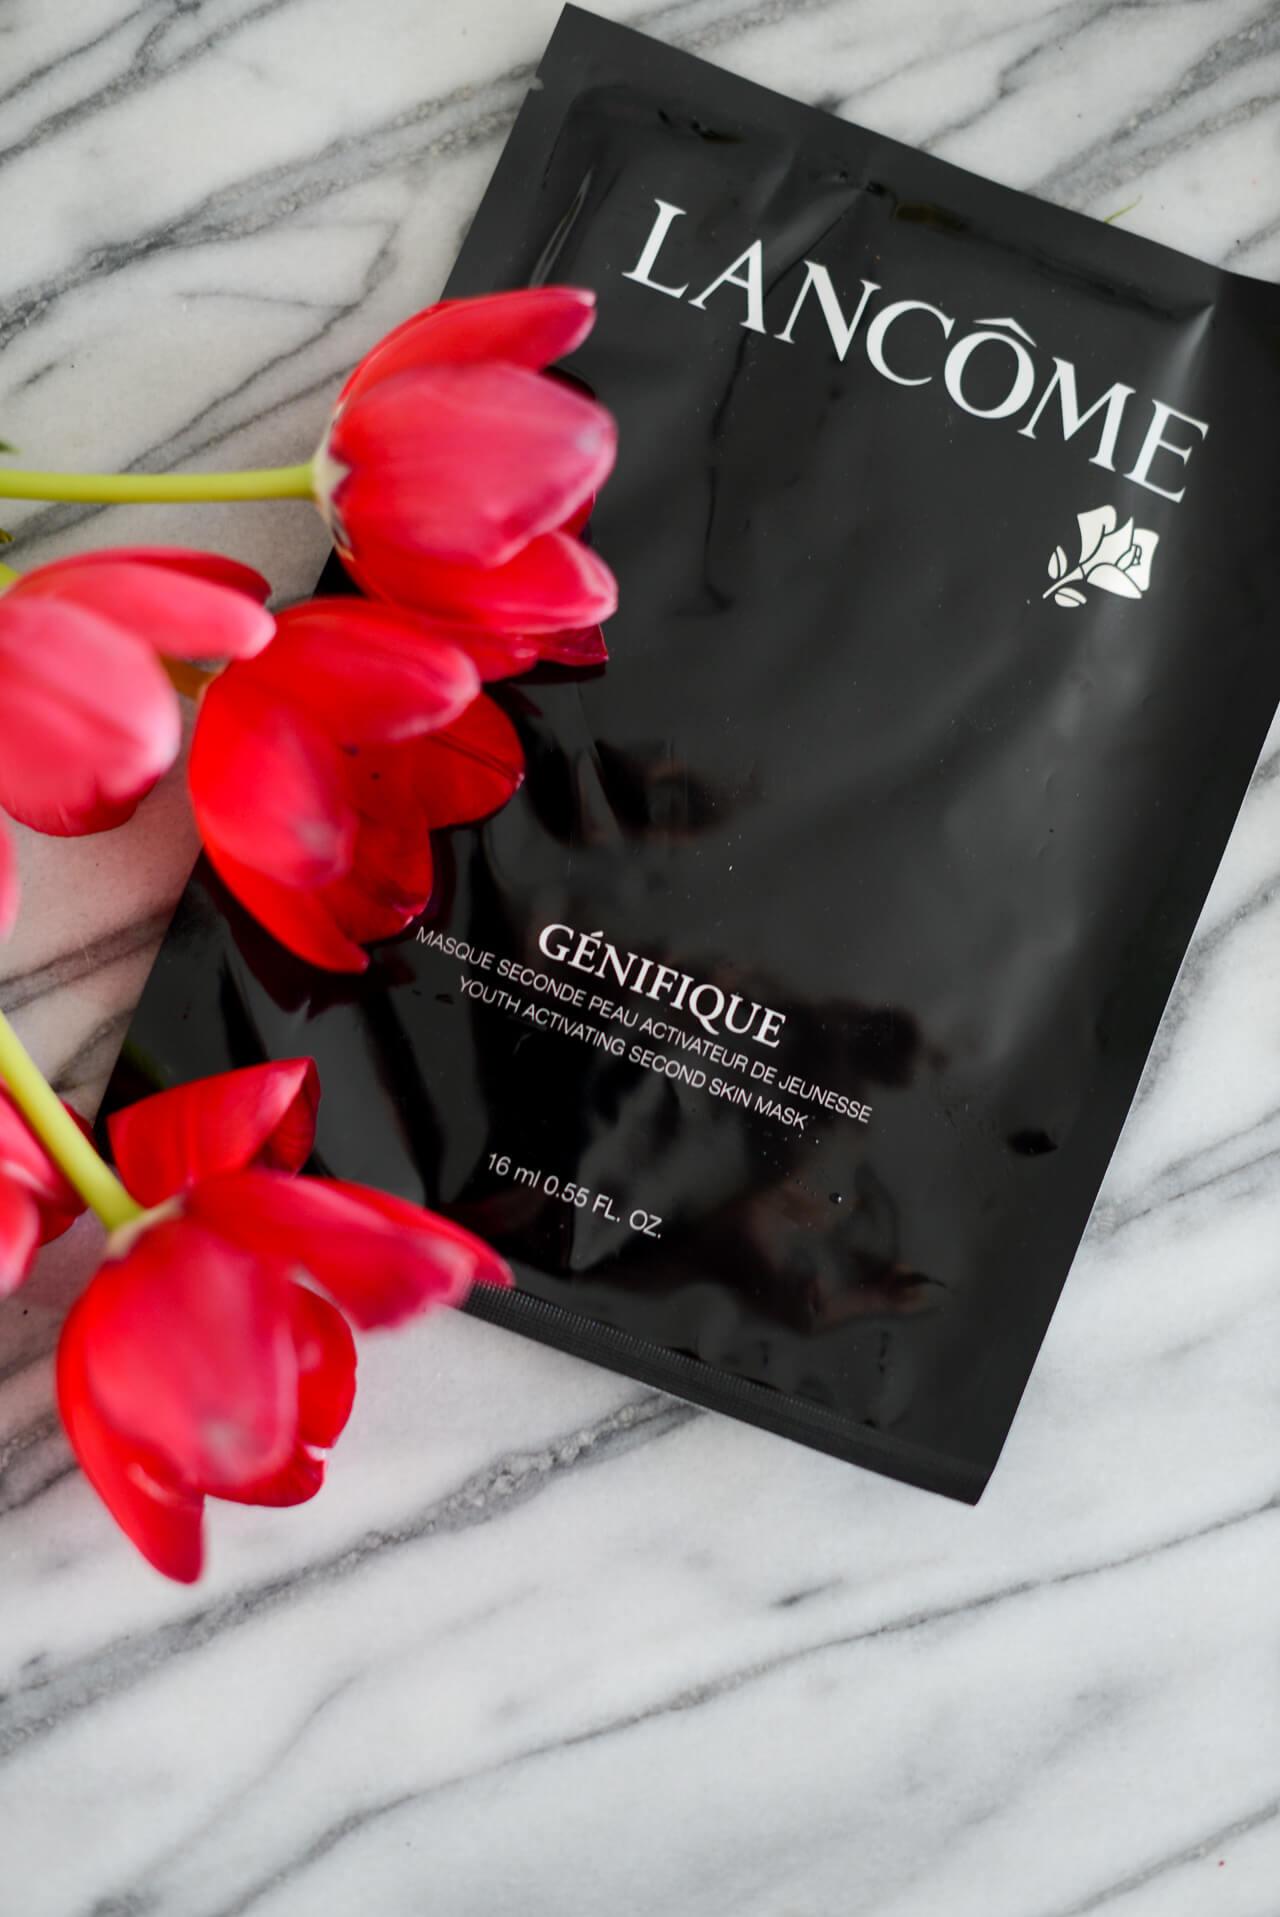 Lancome Genifique Mask Review